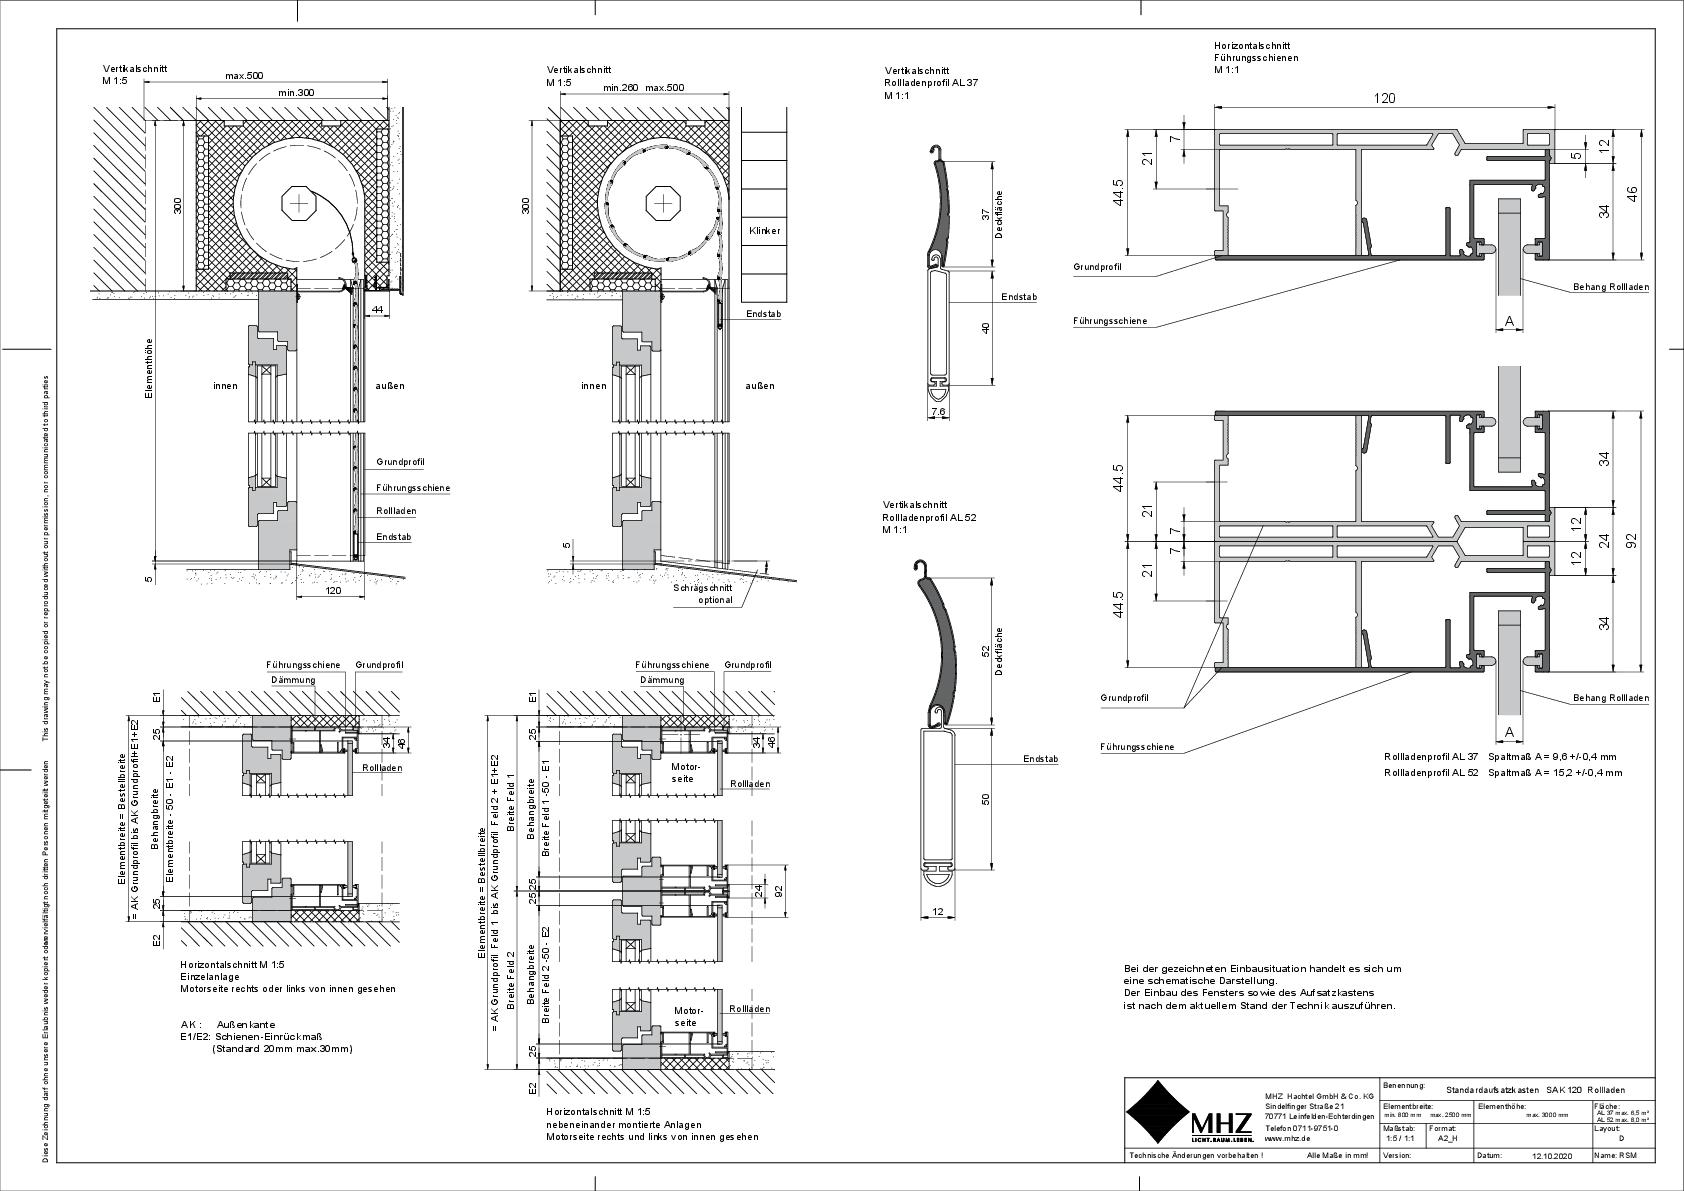 Technische Zeichnung Aufsatzkasten SAK_120 Rollladen (dwg)